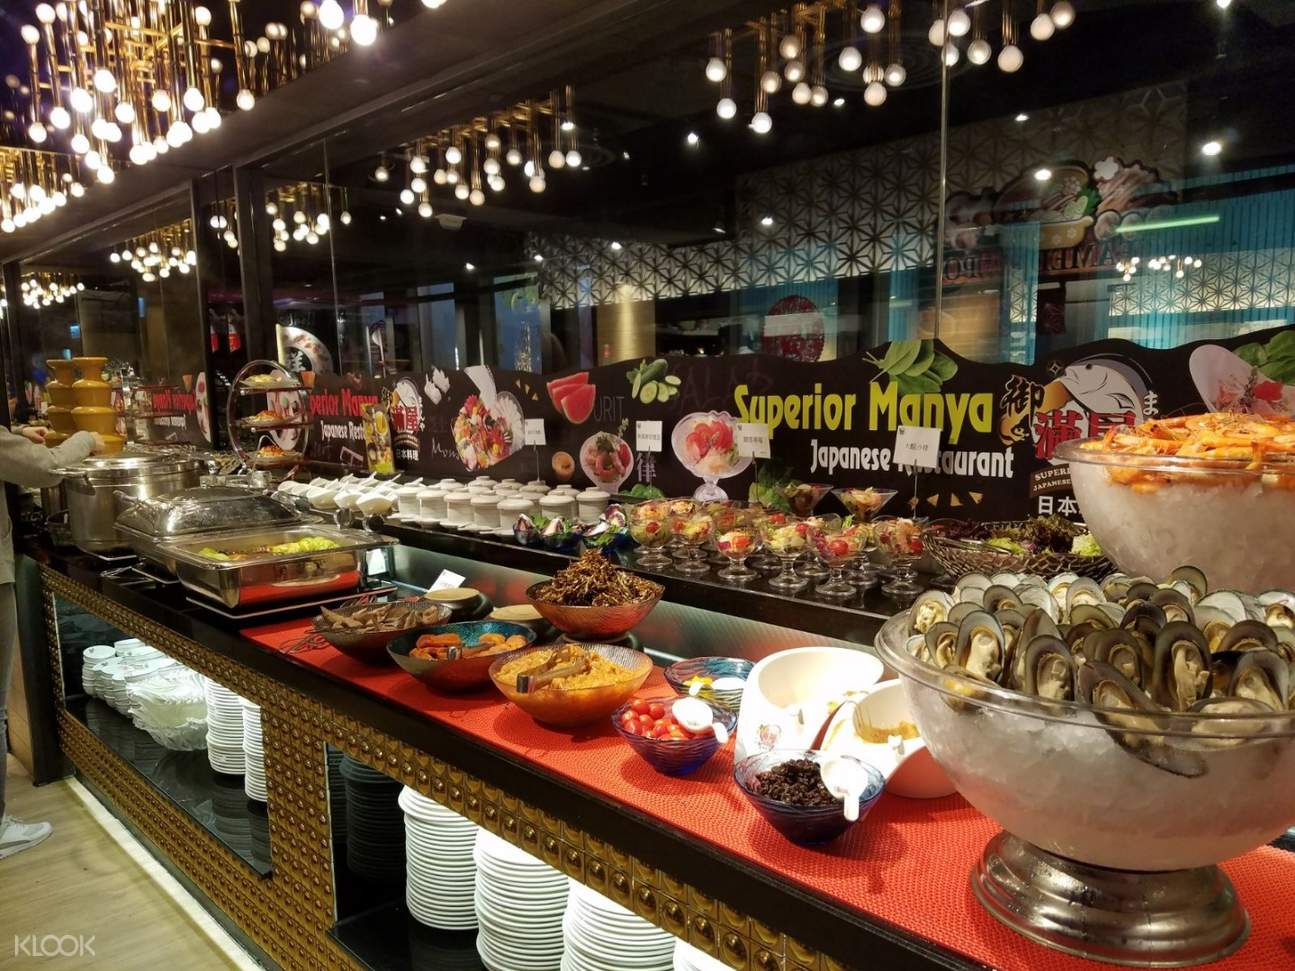 Superior Manya Japanese Restaurant in Mong Kok